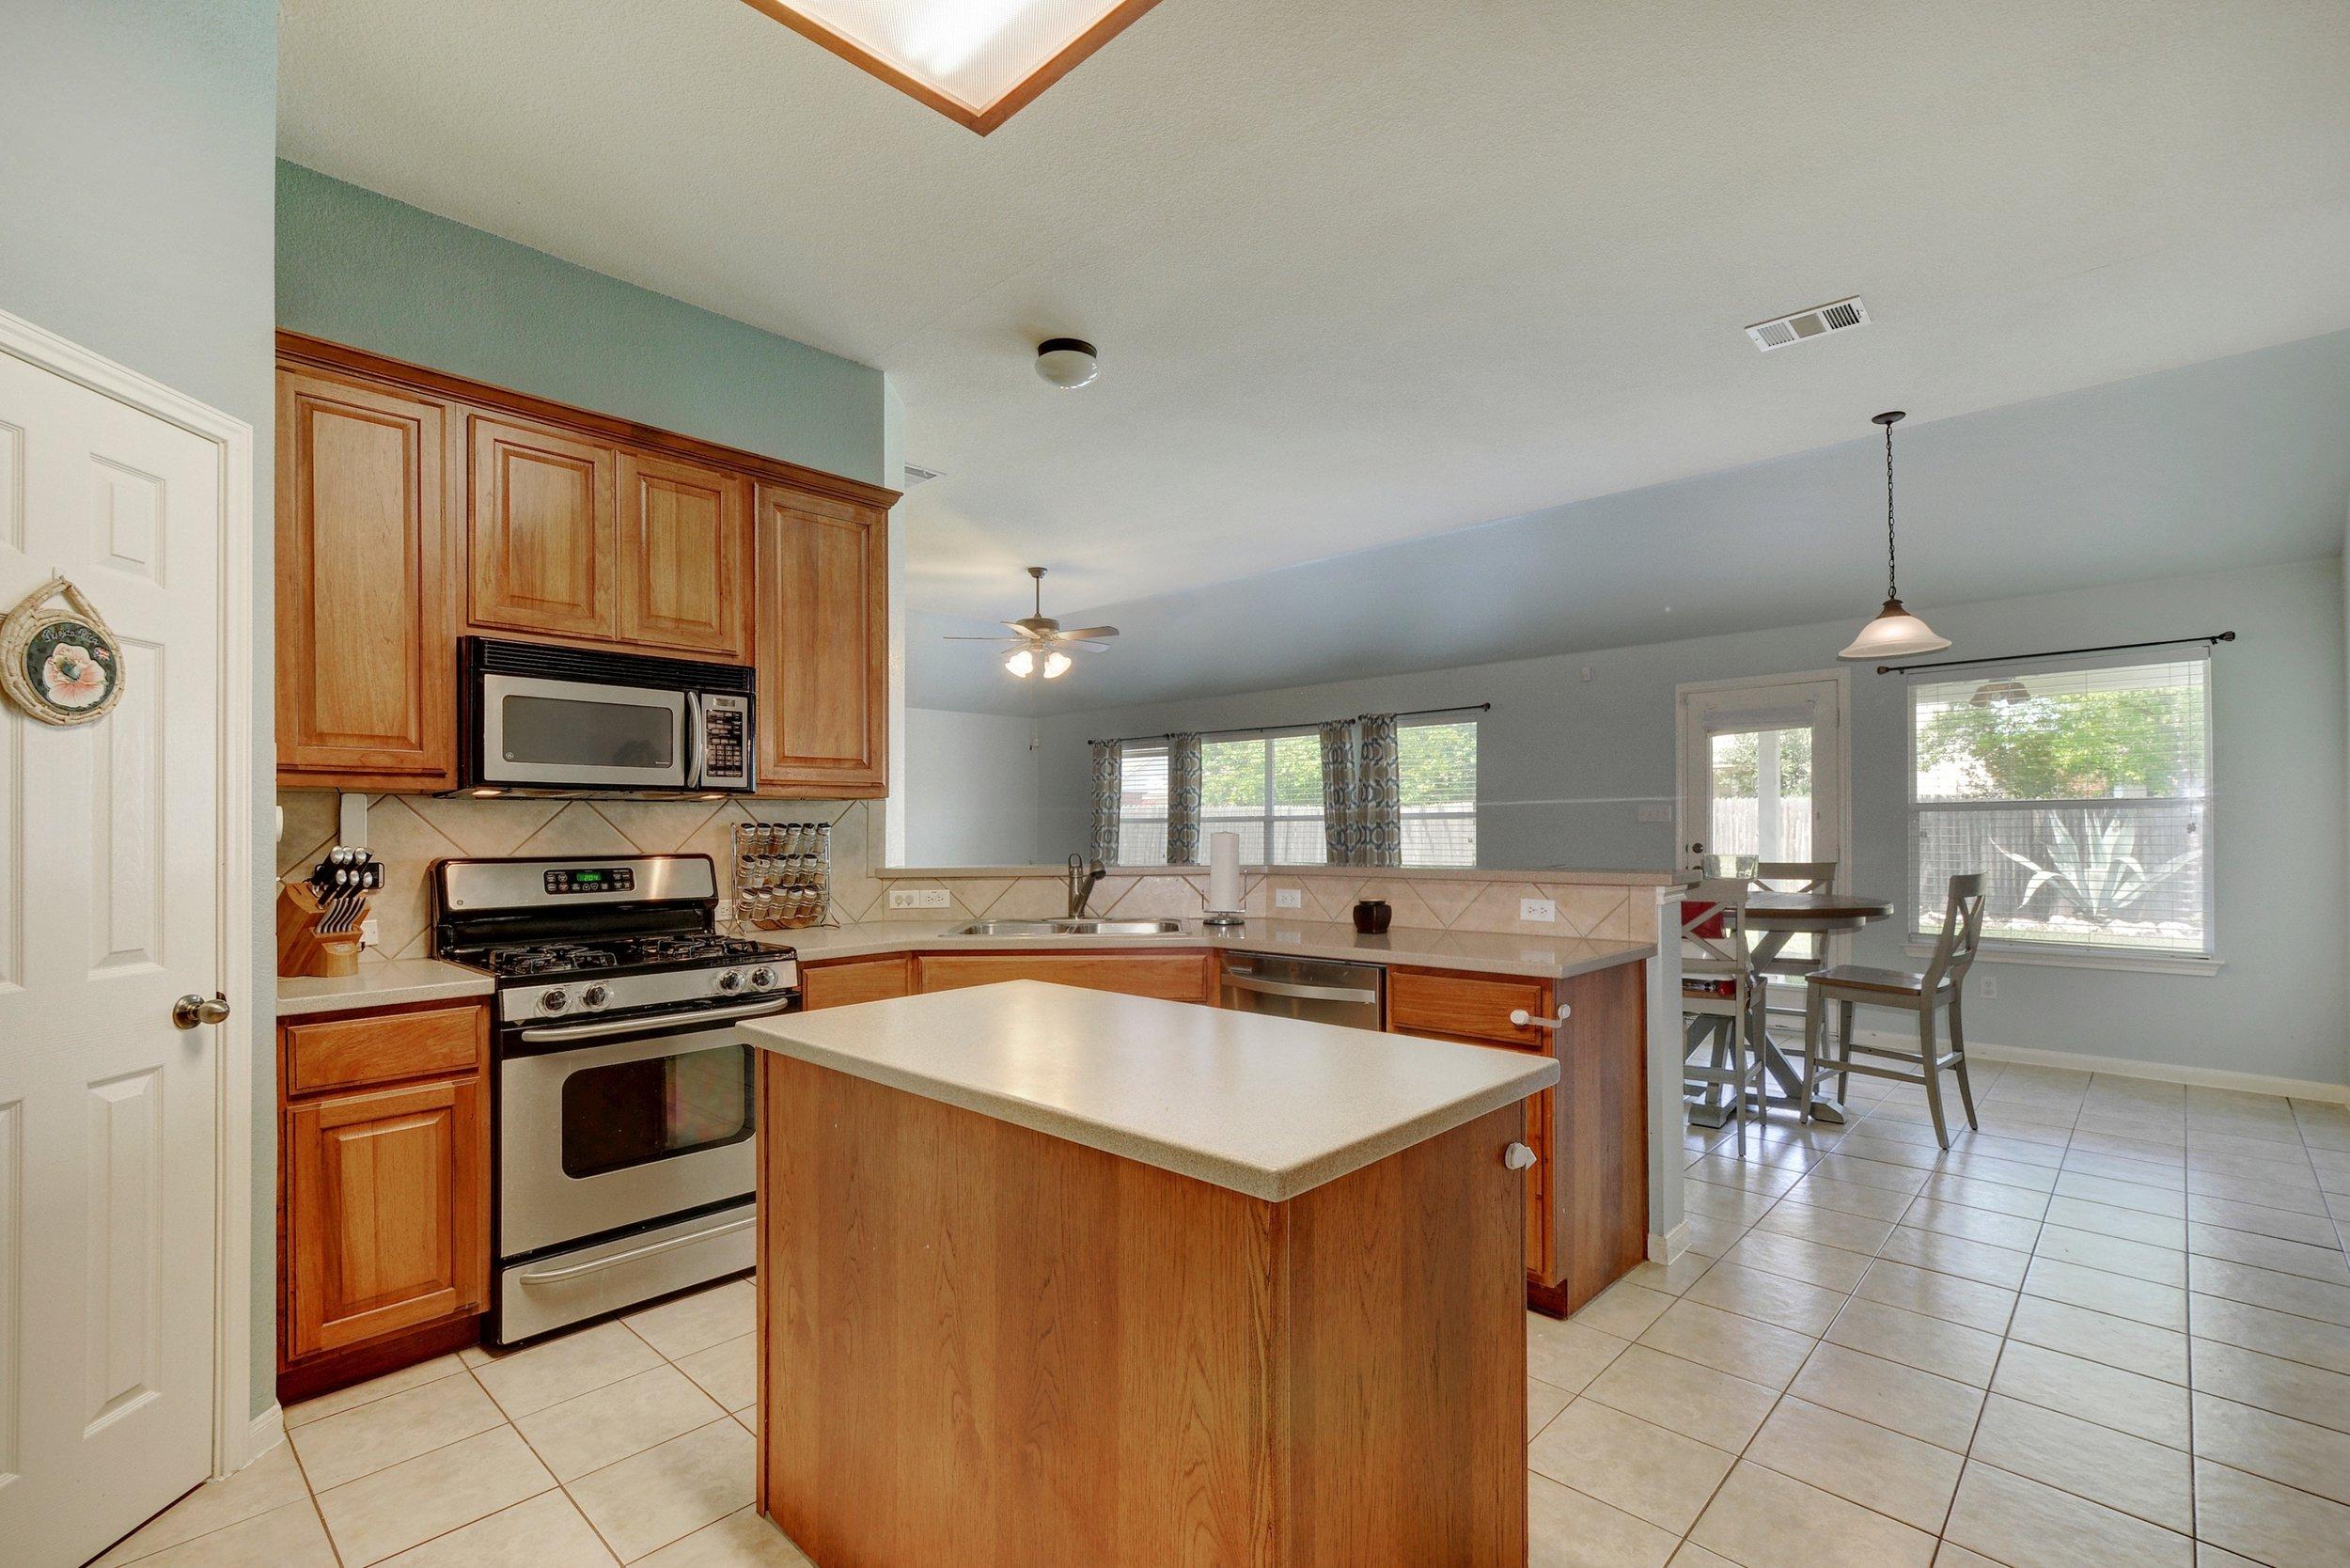 011-267551-Kitchen 001_6233375.jpg